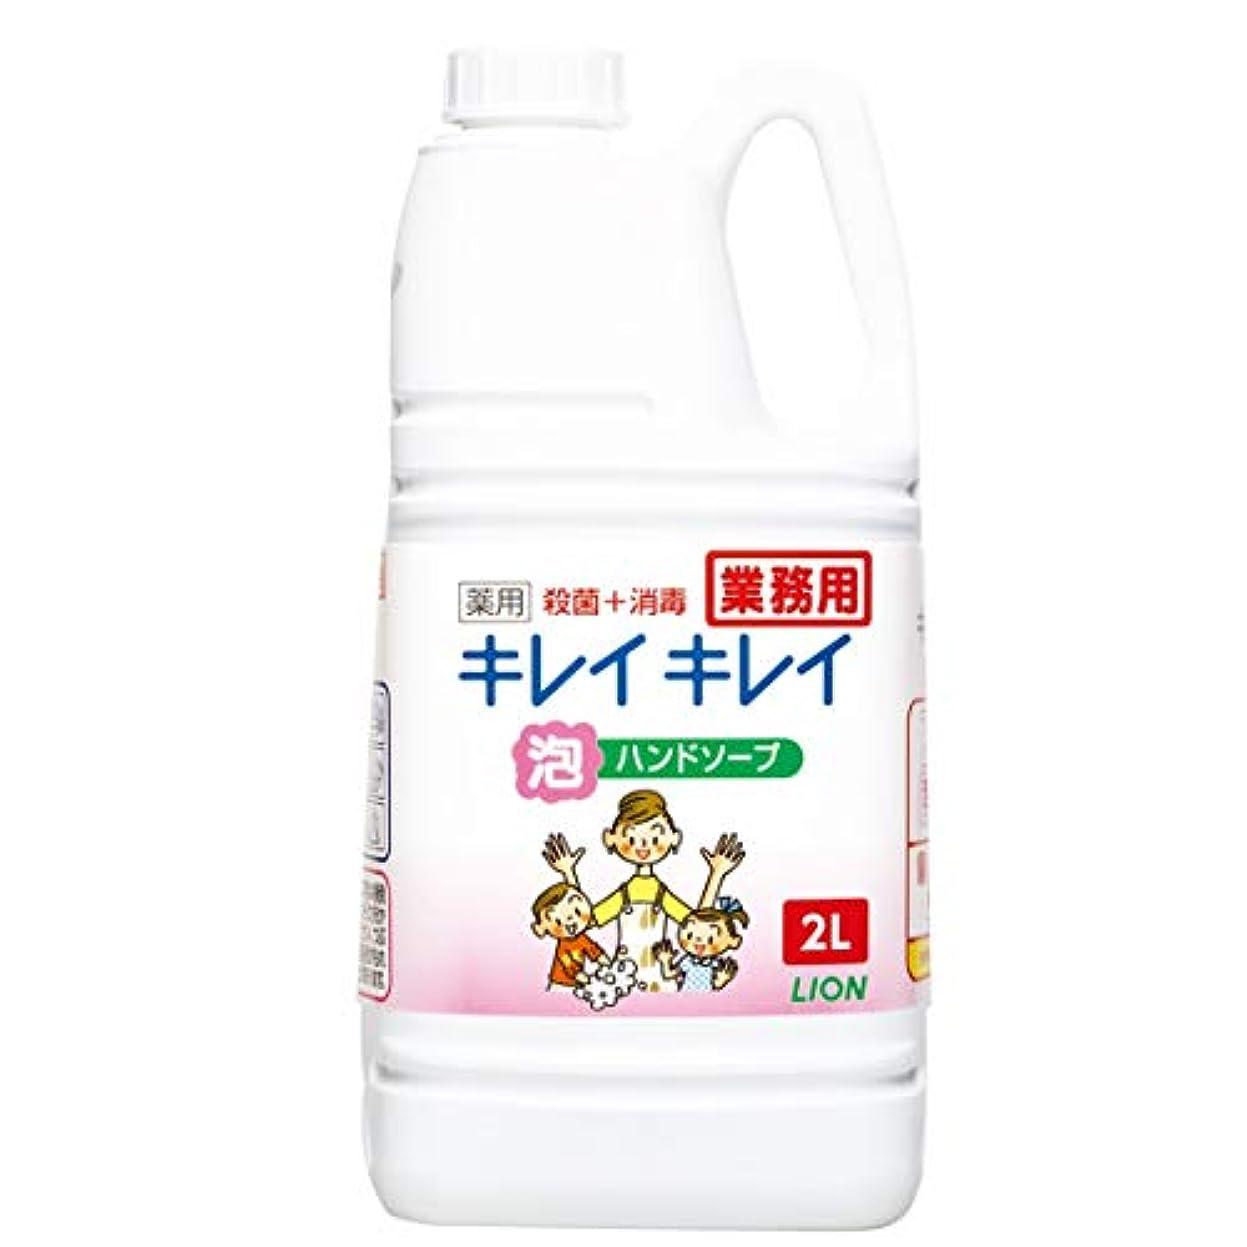 音聡明ドーム【業務用 大容量】キレイキレイ 薬用 泡ハンドソープ シトラスフルーティの香り 2L(医薬部外品)